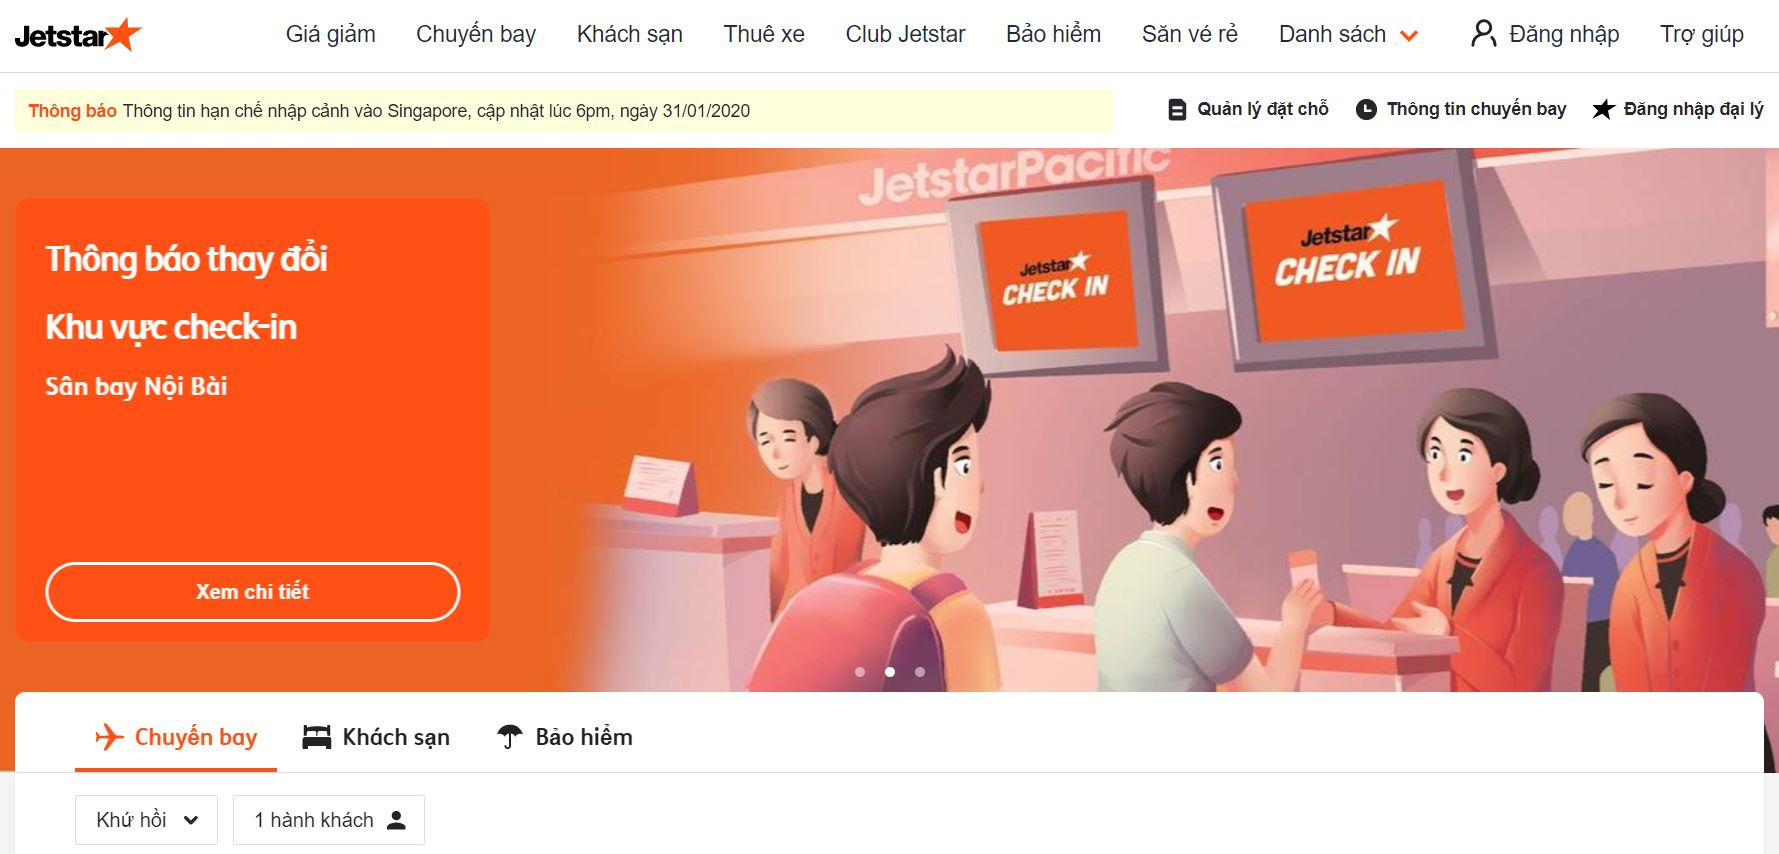 Điền thông tin chặng bay trên giao diện của Jetstar